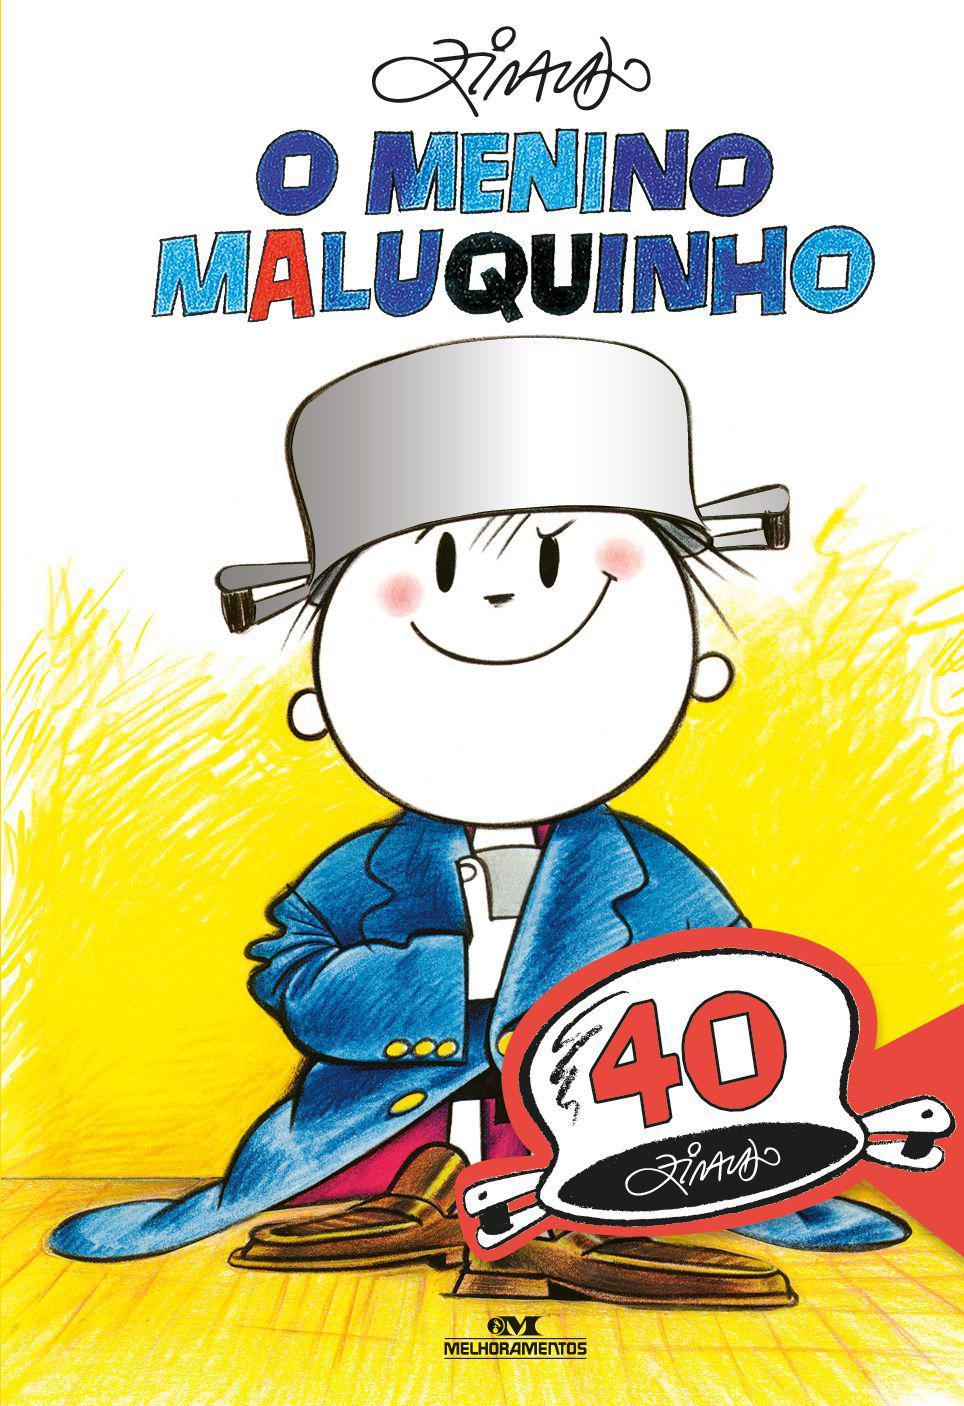 Livro - O Menino Maluquinho: Edição Comemorativa de 40 Anos - Livros de  Literatura Infantil - Magazine Luiza